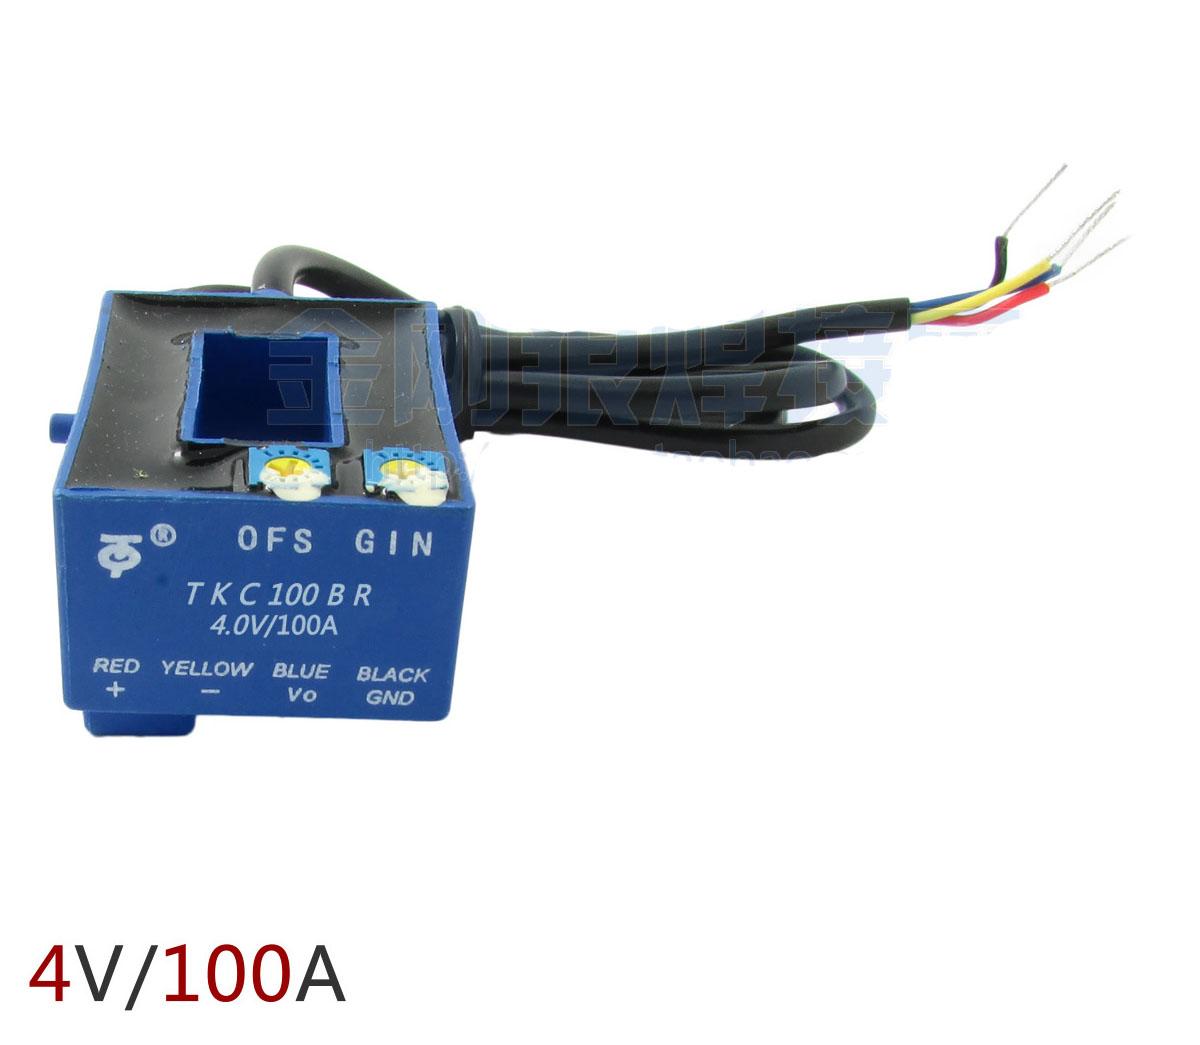 tkc-100br-4v-100a-cam-bien-dong-hall